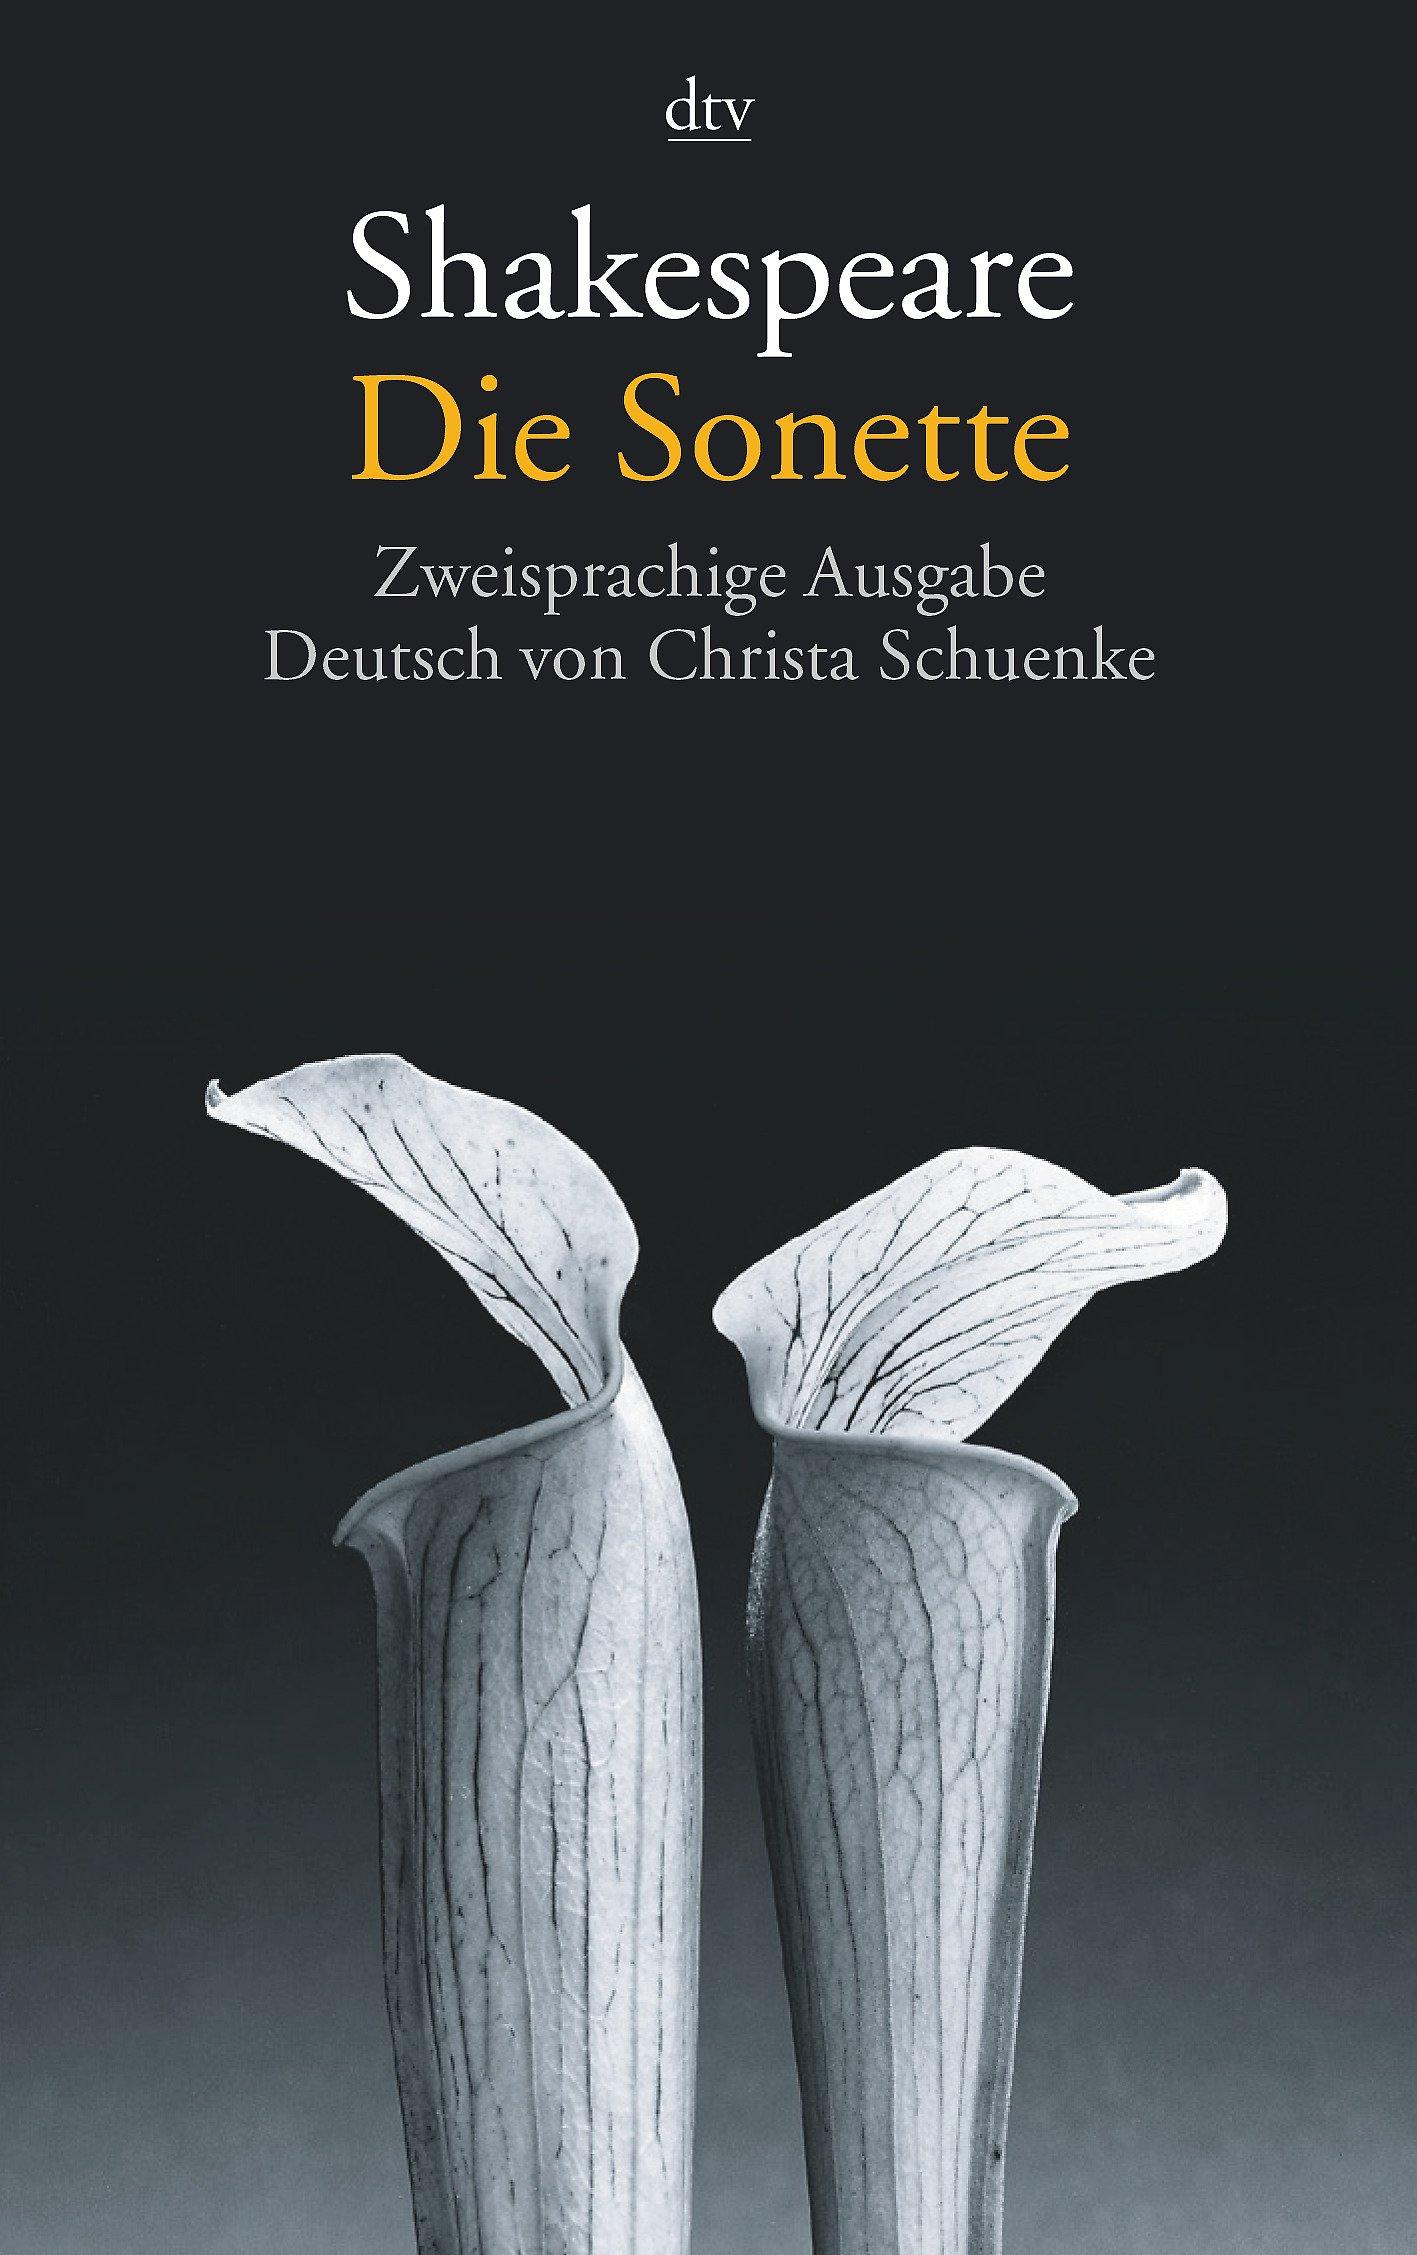 Die Sonette: Zweisprachige Ausgabe: Amazon.de: William Shakespeare ...